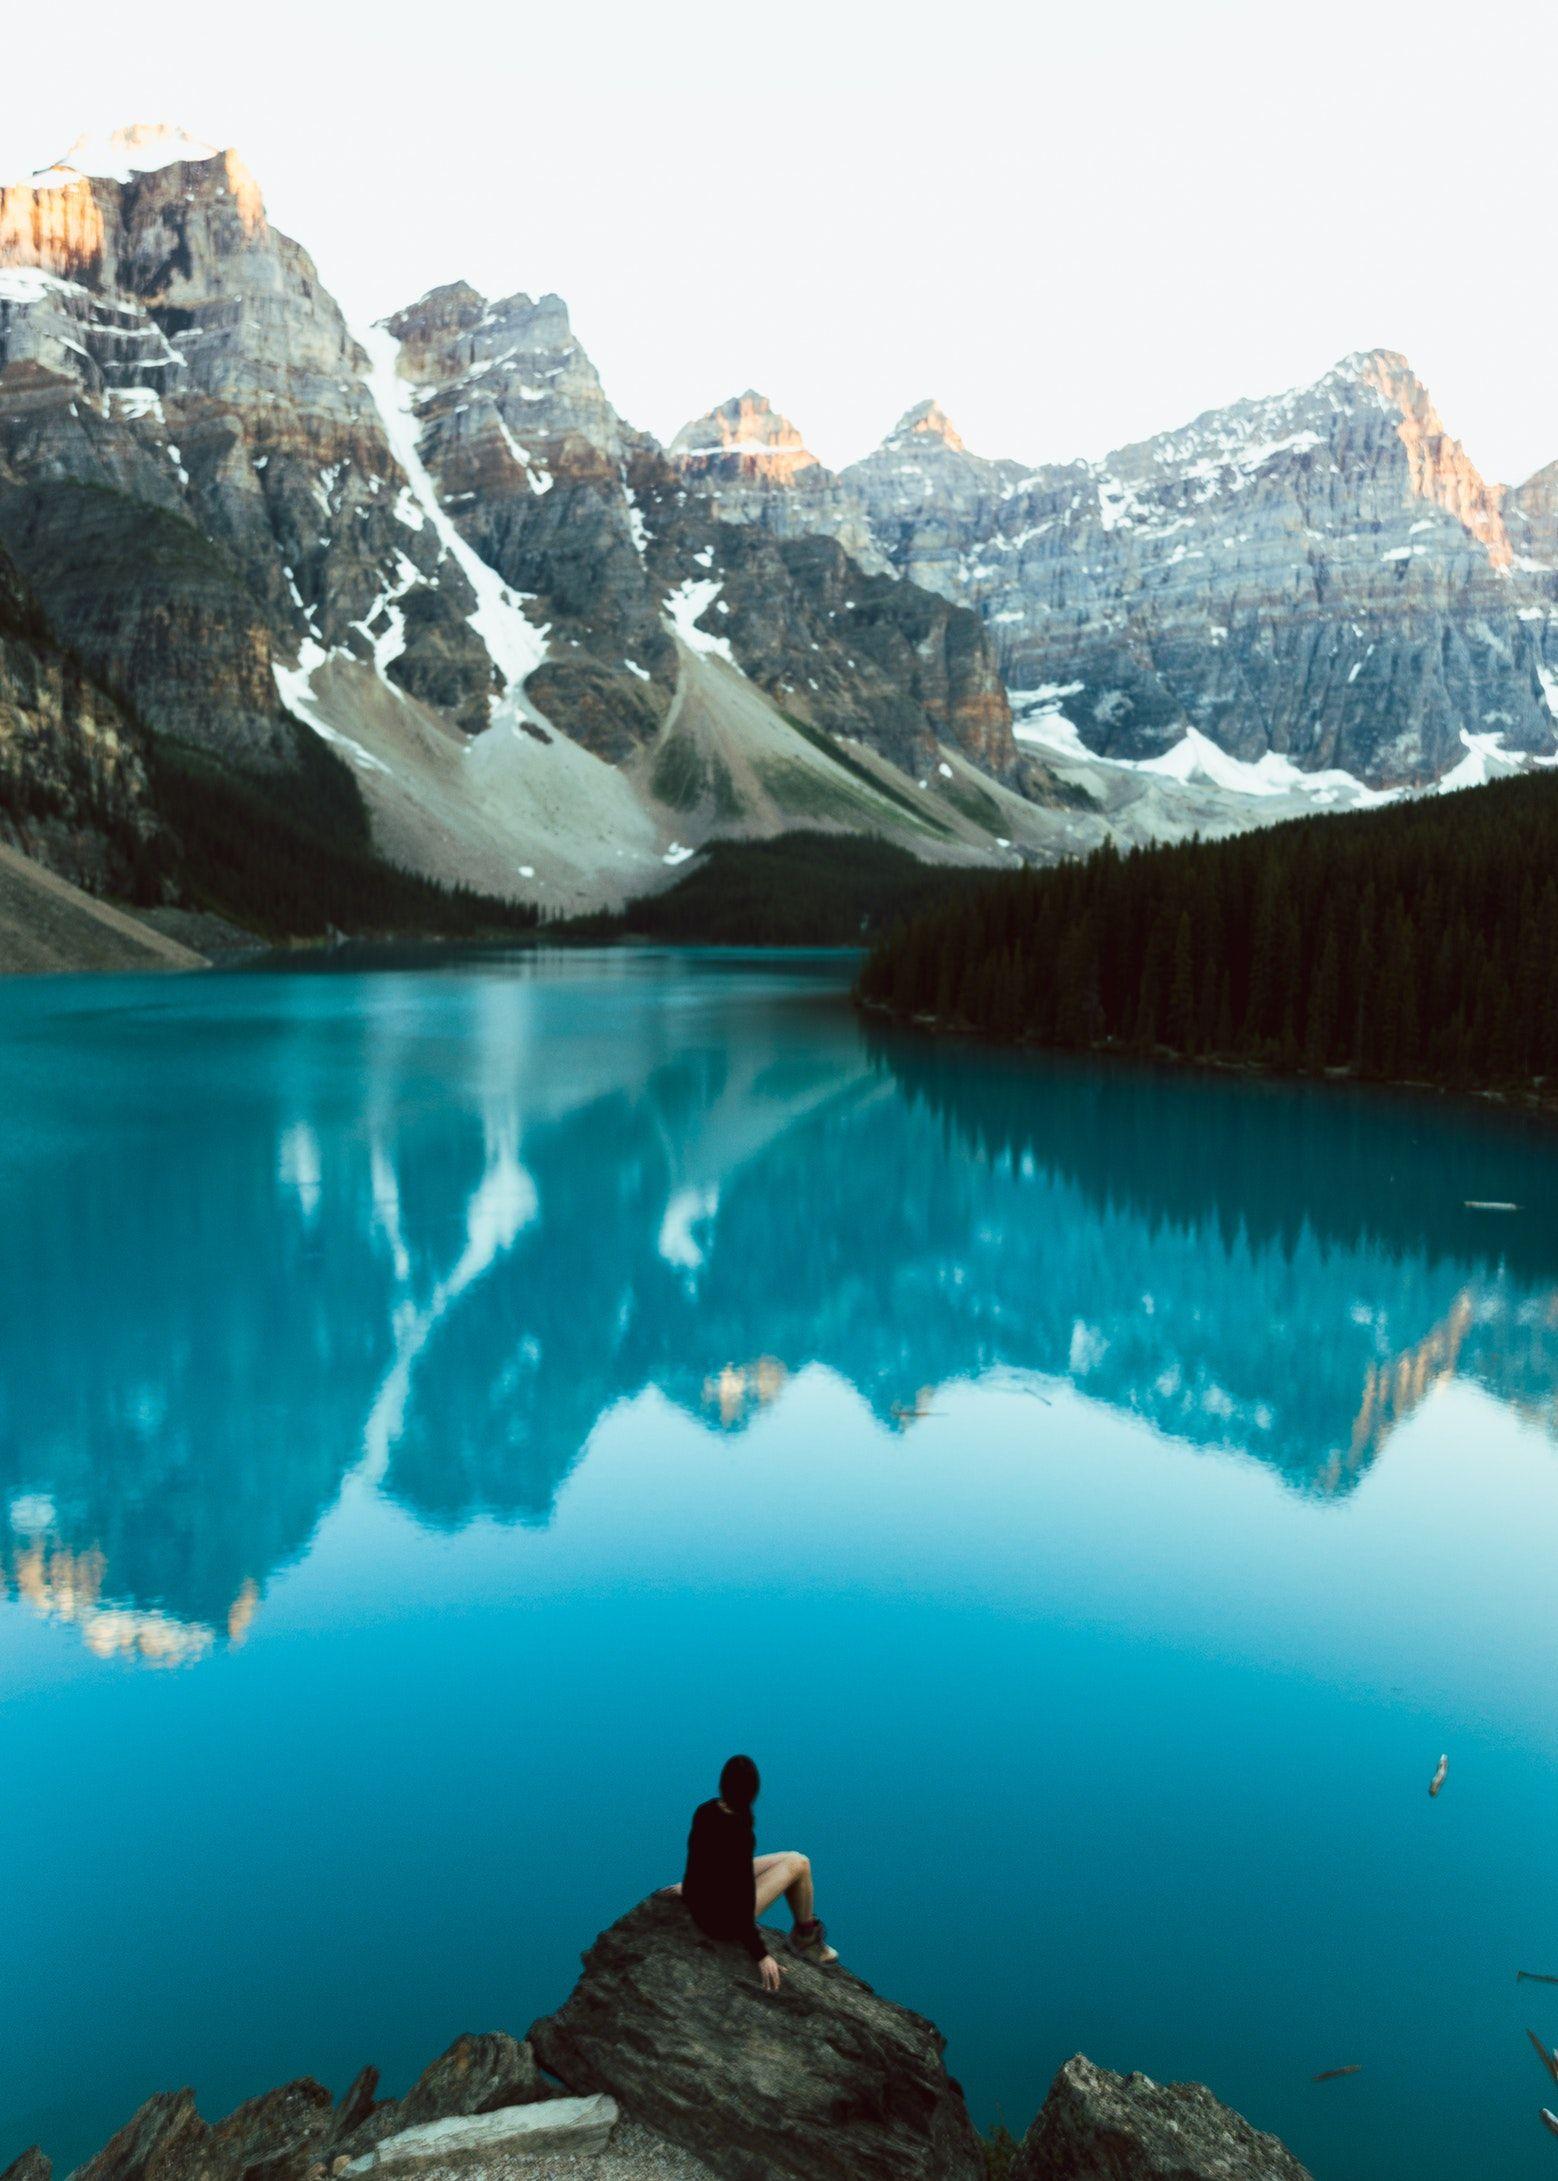 Hd Photo By Rye Jessen Ryejessen On Unsplash Photo Lake Hd Photos